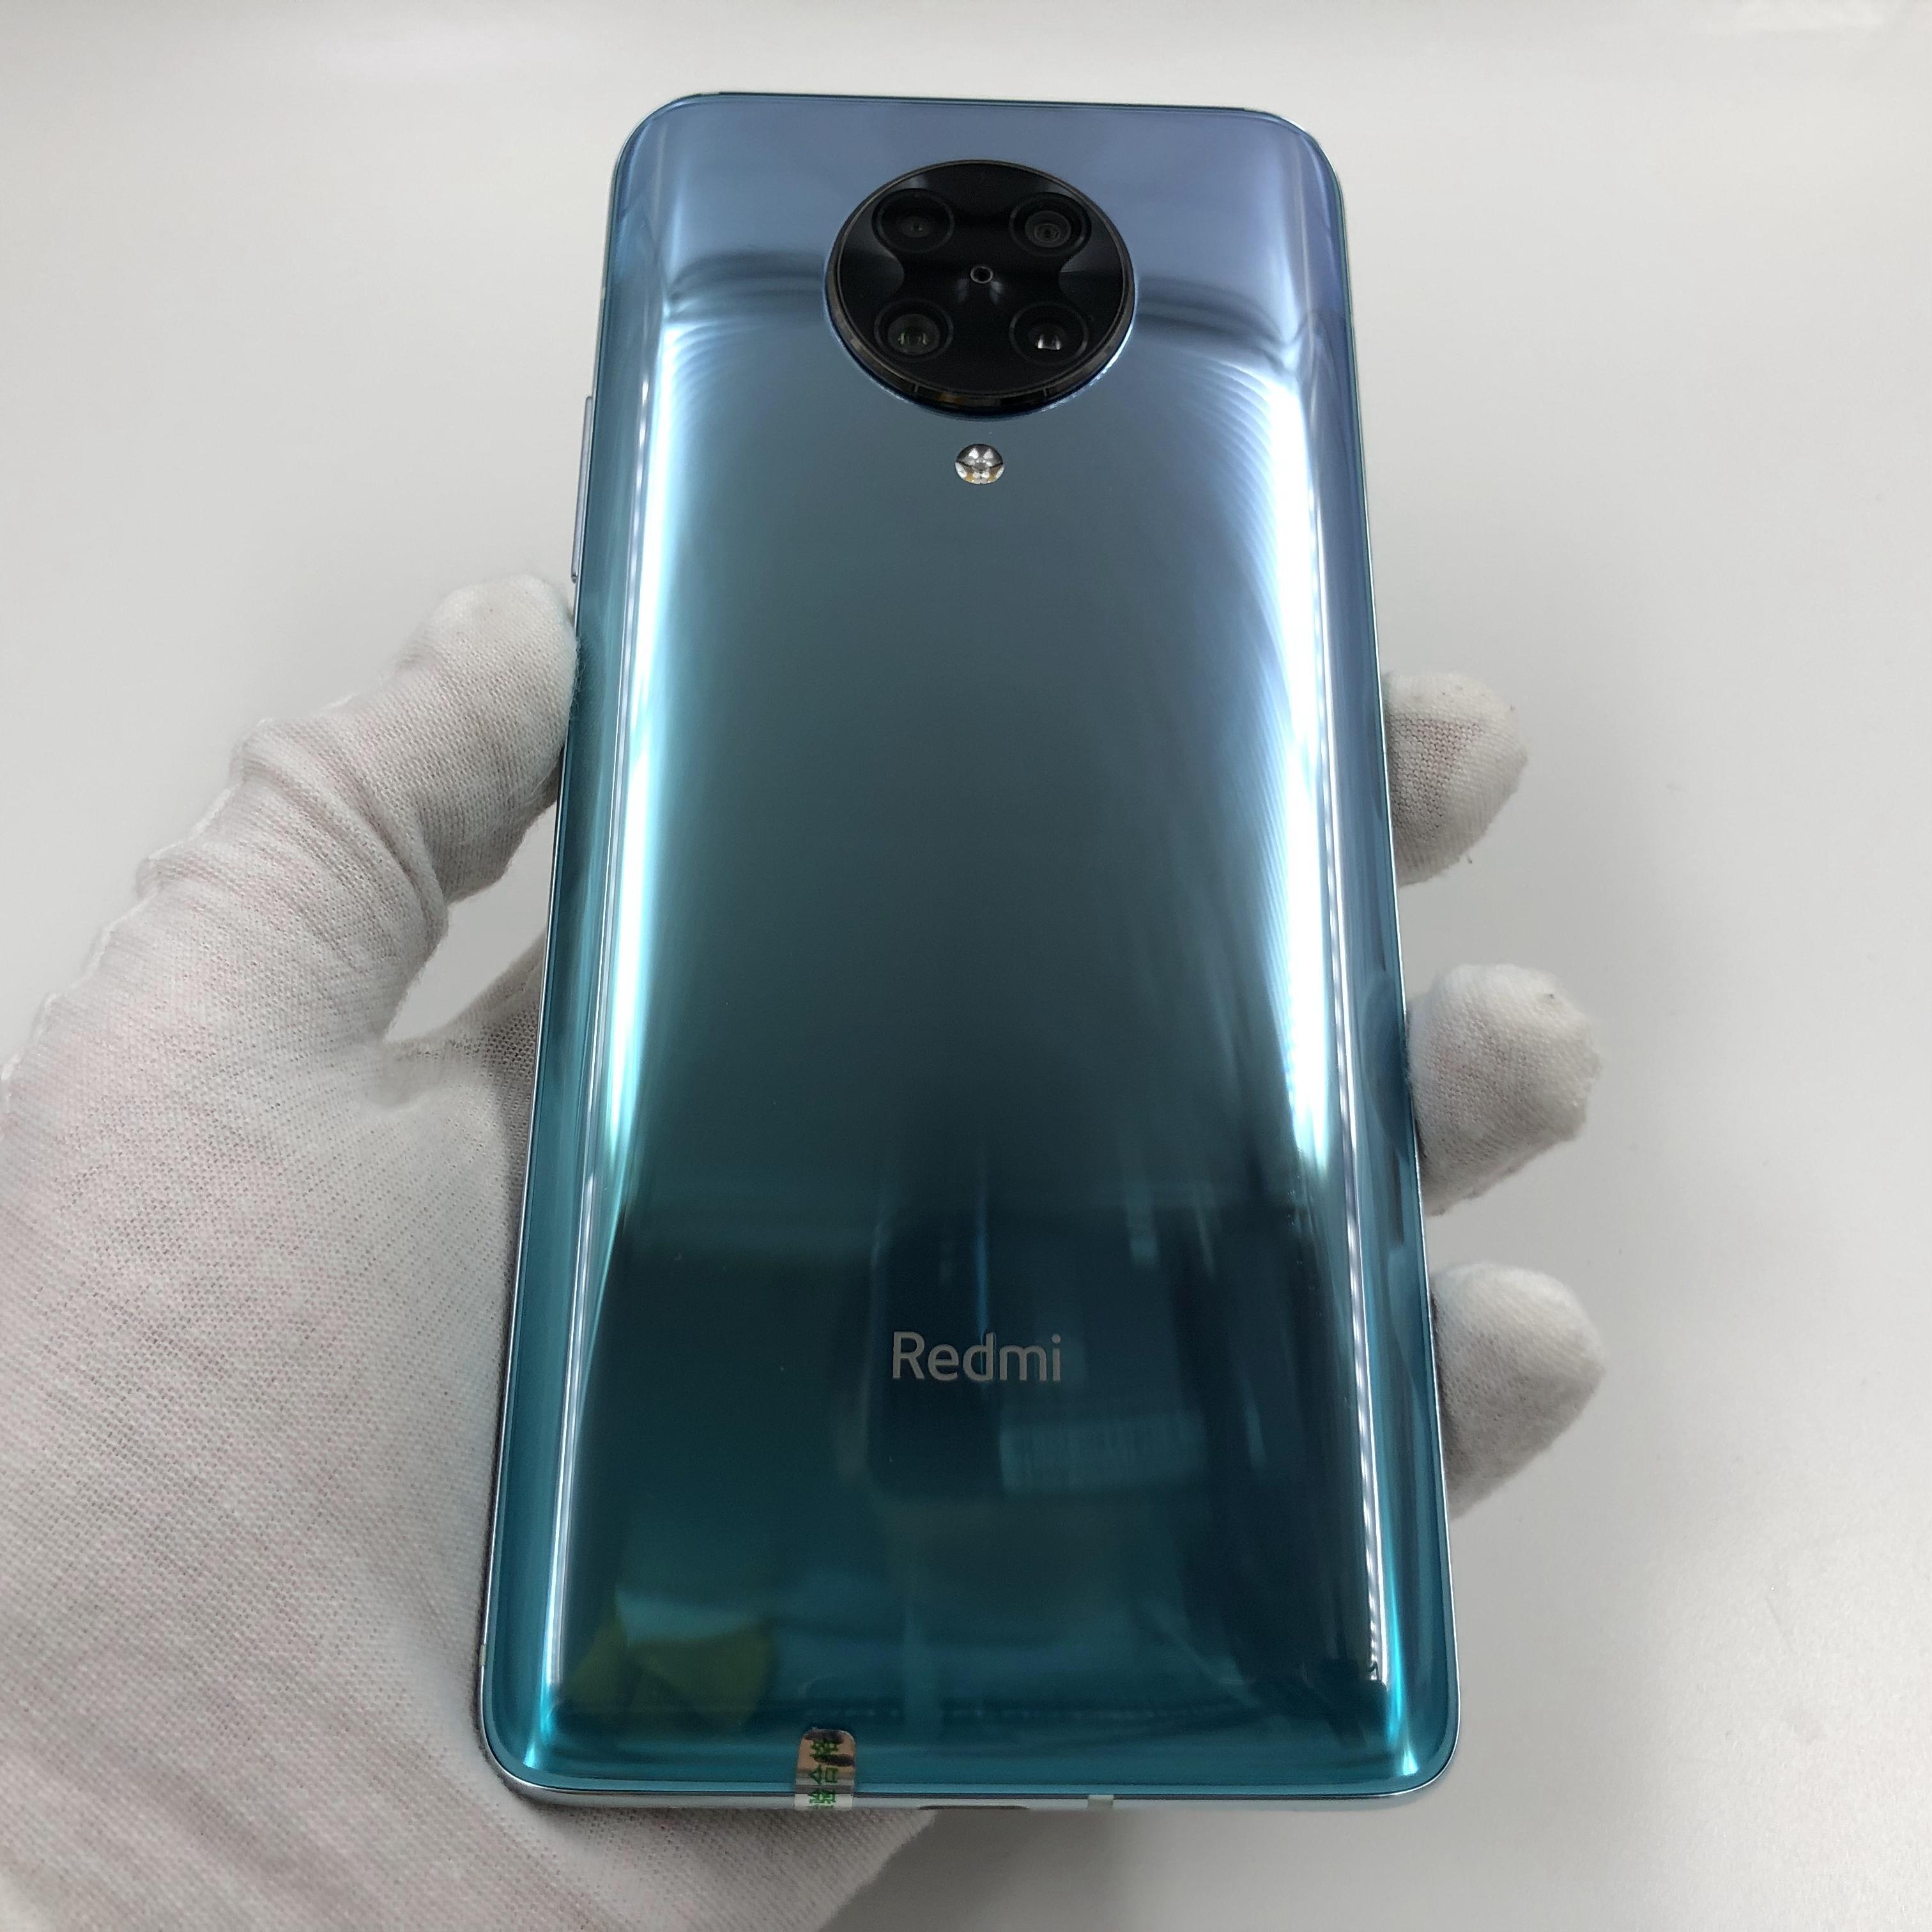 小米【Redmi K30 至尊 5G】5G全网通 薄荷绿 8G/128G 国行 99新 真机实拍